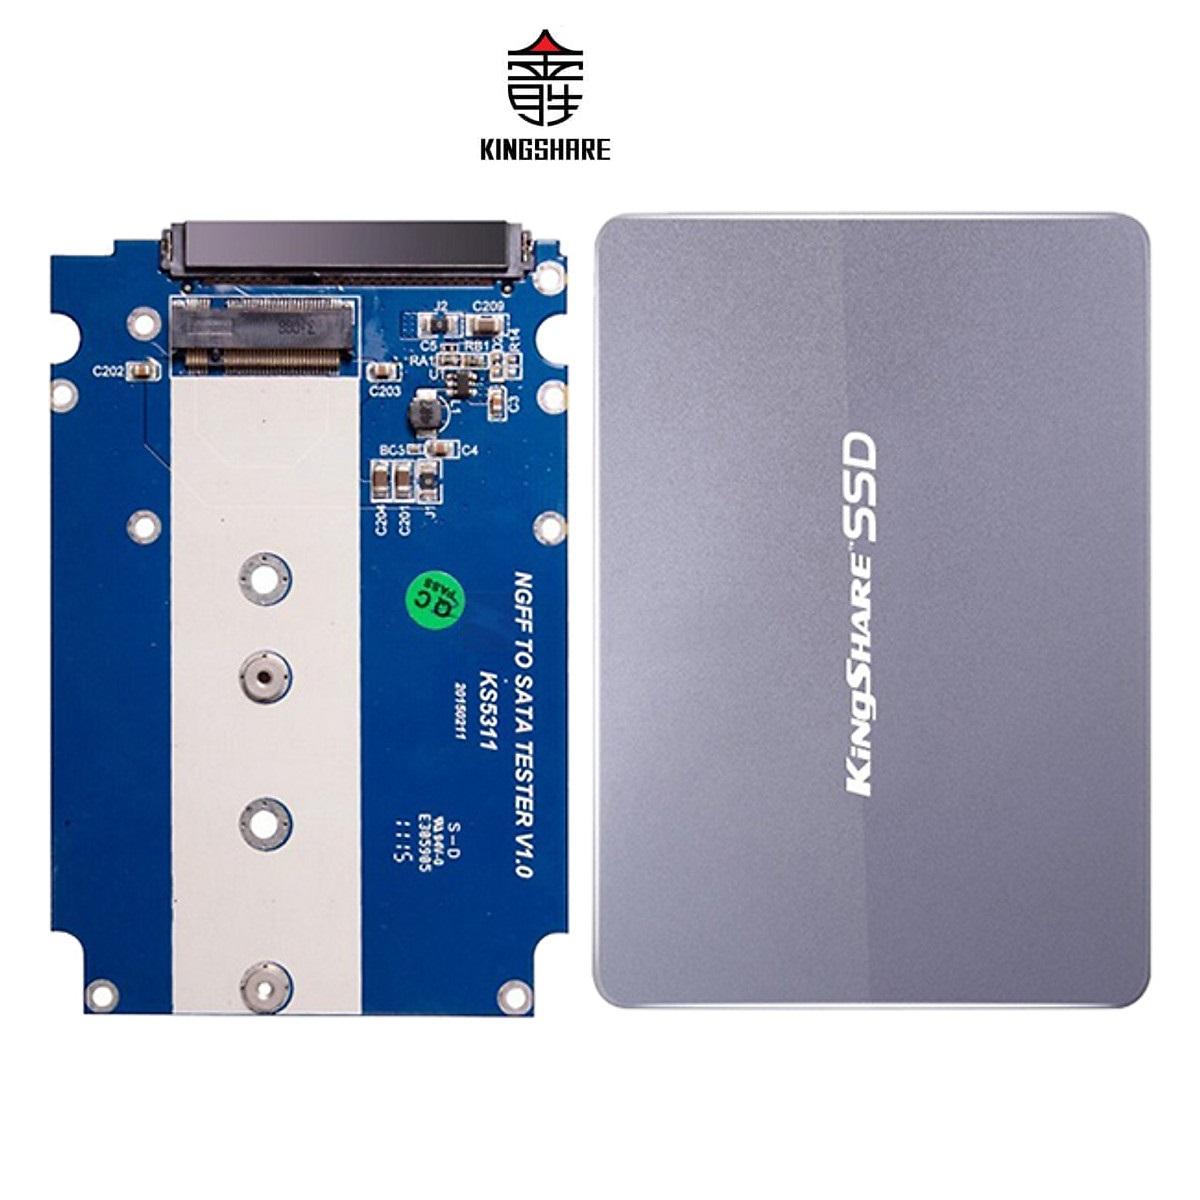 """Box Kingshare Chuyển Đổi SSD M2 SATA sang chuẩn SATA III 2.5"""" (MÀU NGẪU NHIÊN) - Hàng Nhập Khẩu"""